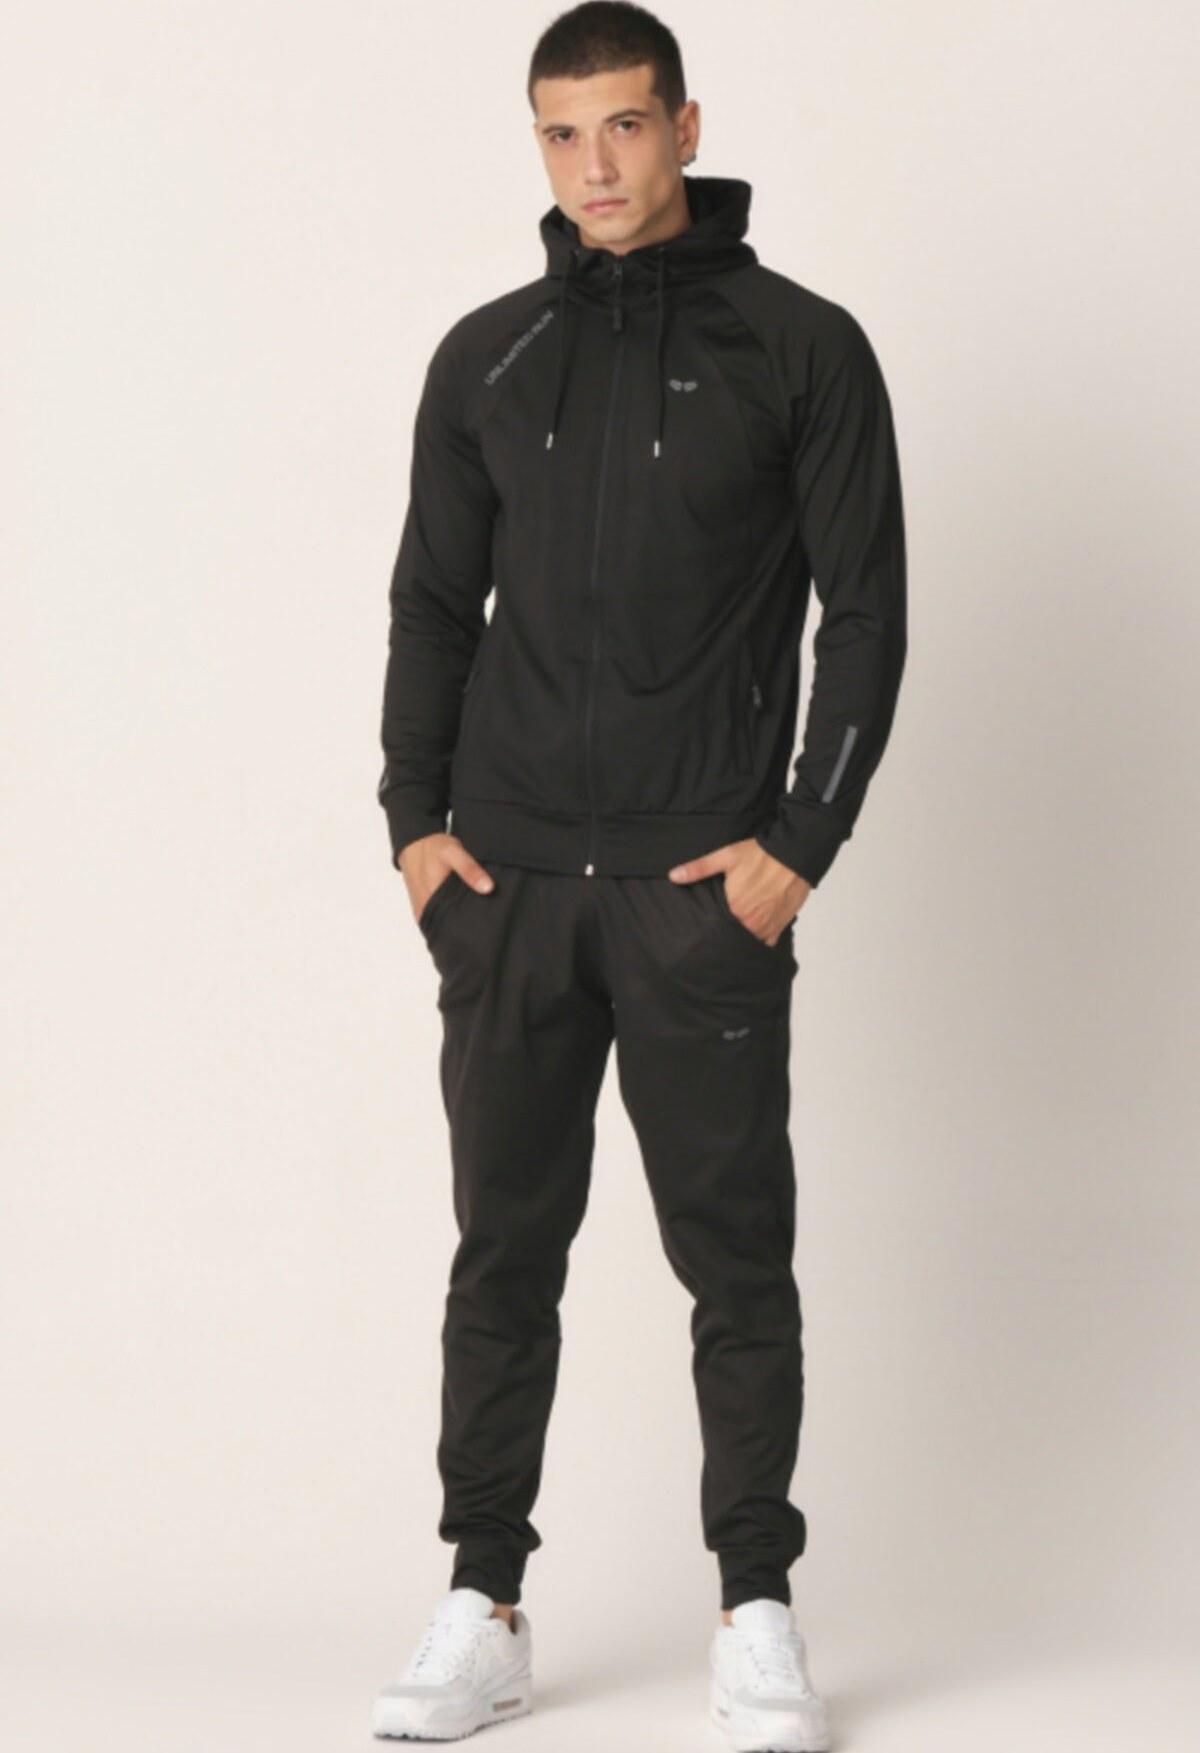 عکس ست لباس راحتی مردانه پارچه مشکی نوعی برند Mascarano کد 1605867835  ست-لباس-راحتی-مردانه-پارچه-مشکی-نوعی-برند-mascarano-کد-1605867835